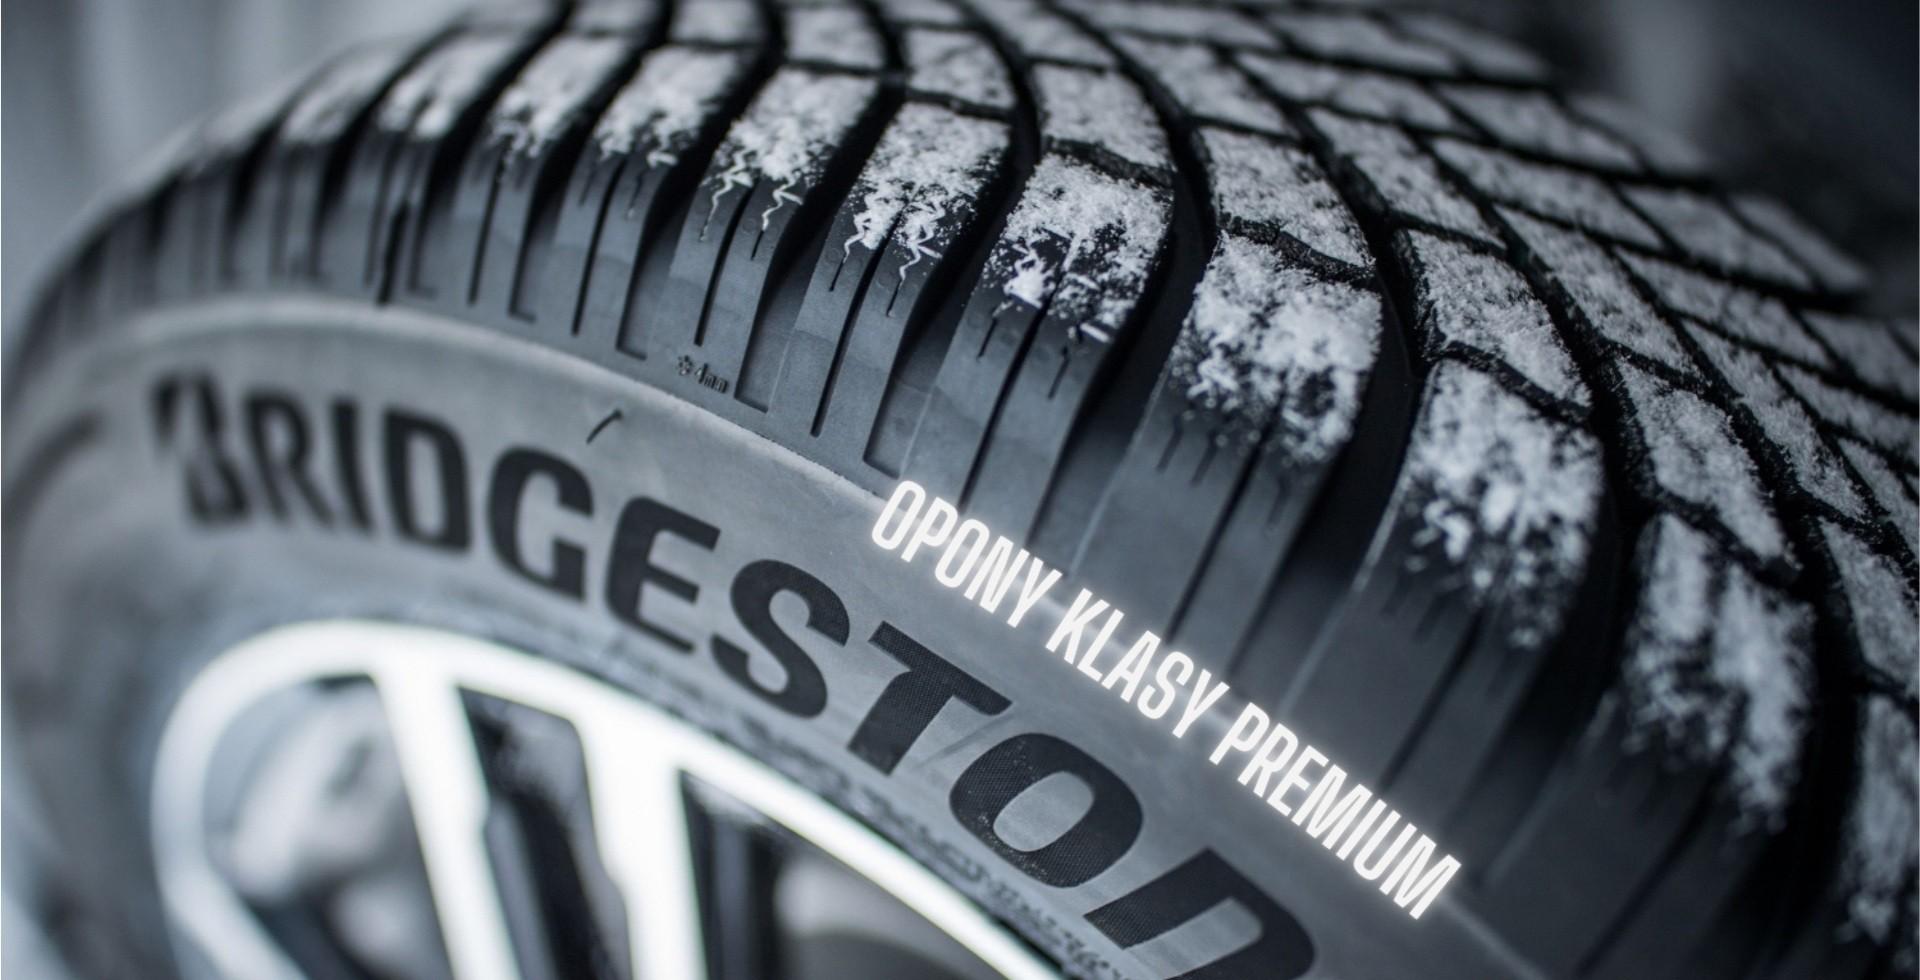 Bridgestone - opony klasy premium